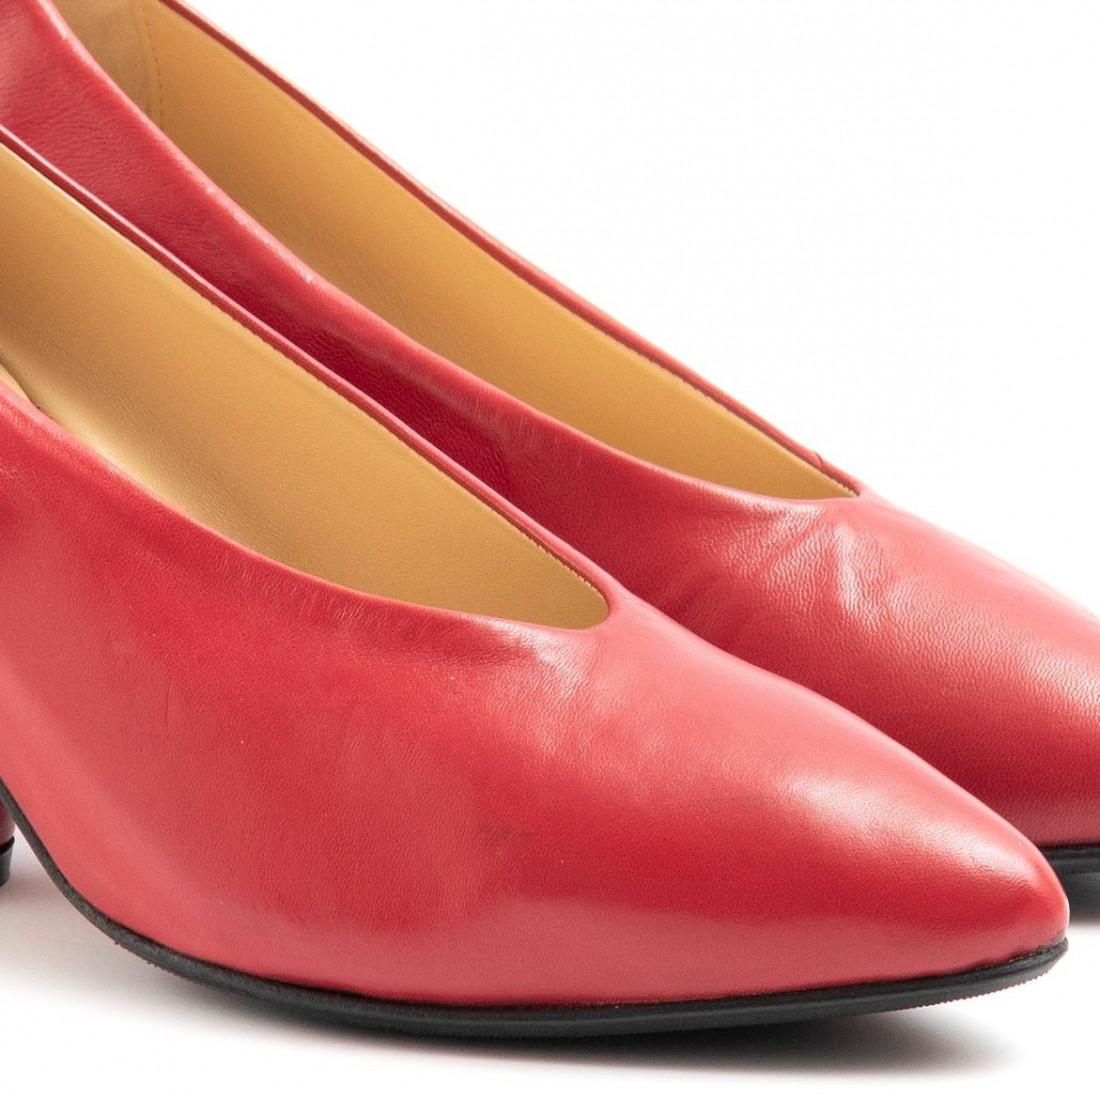 pumps woman larianna de 1206siviglia rosso 6429